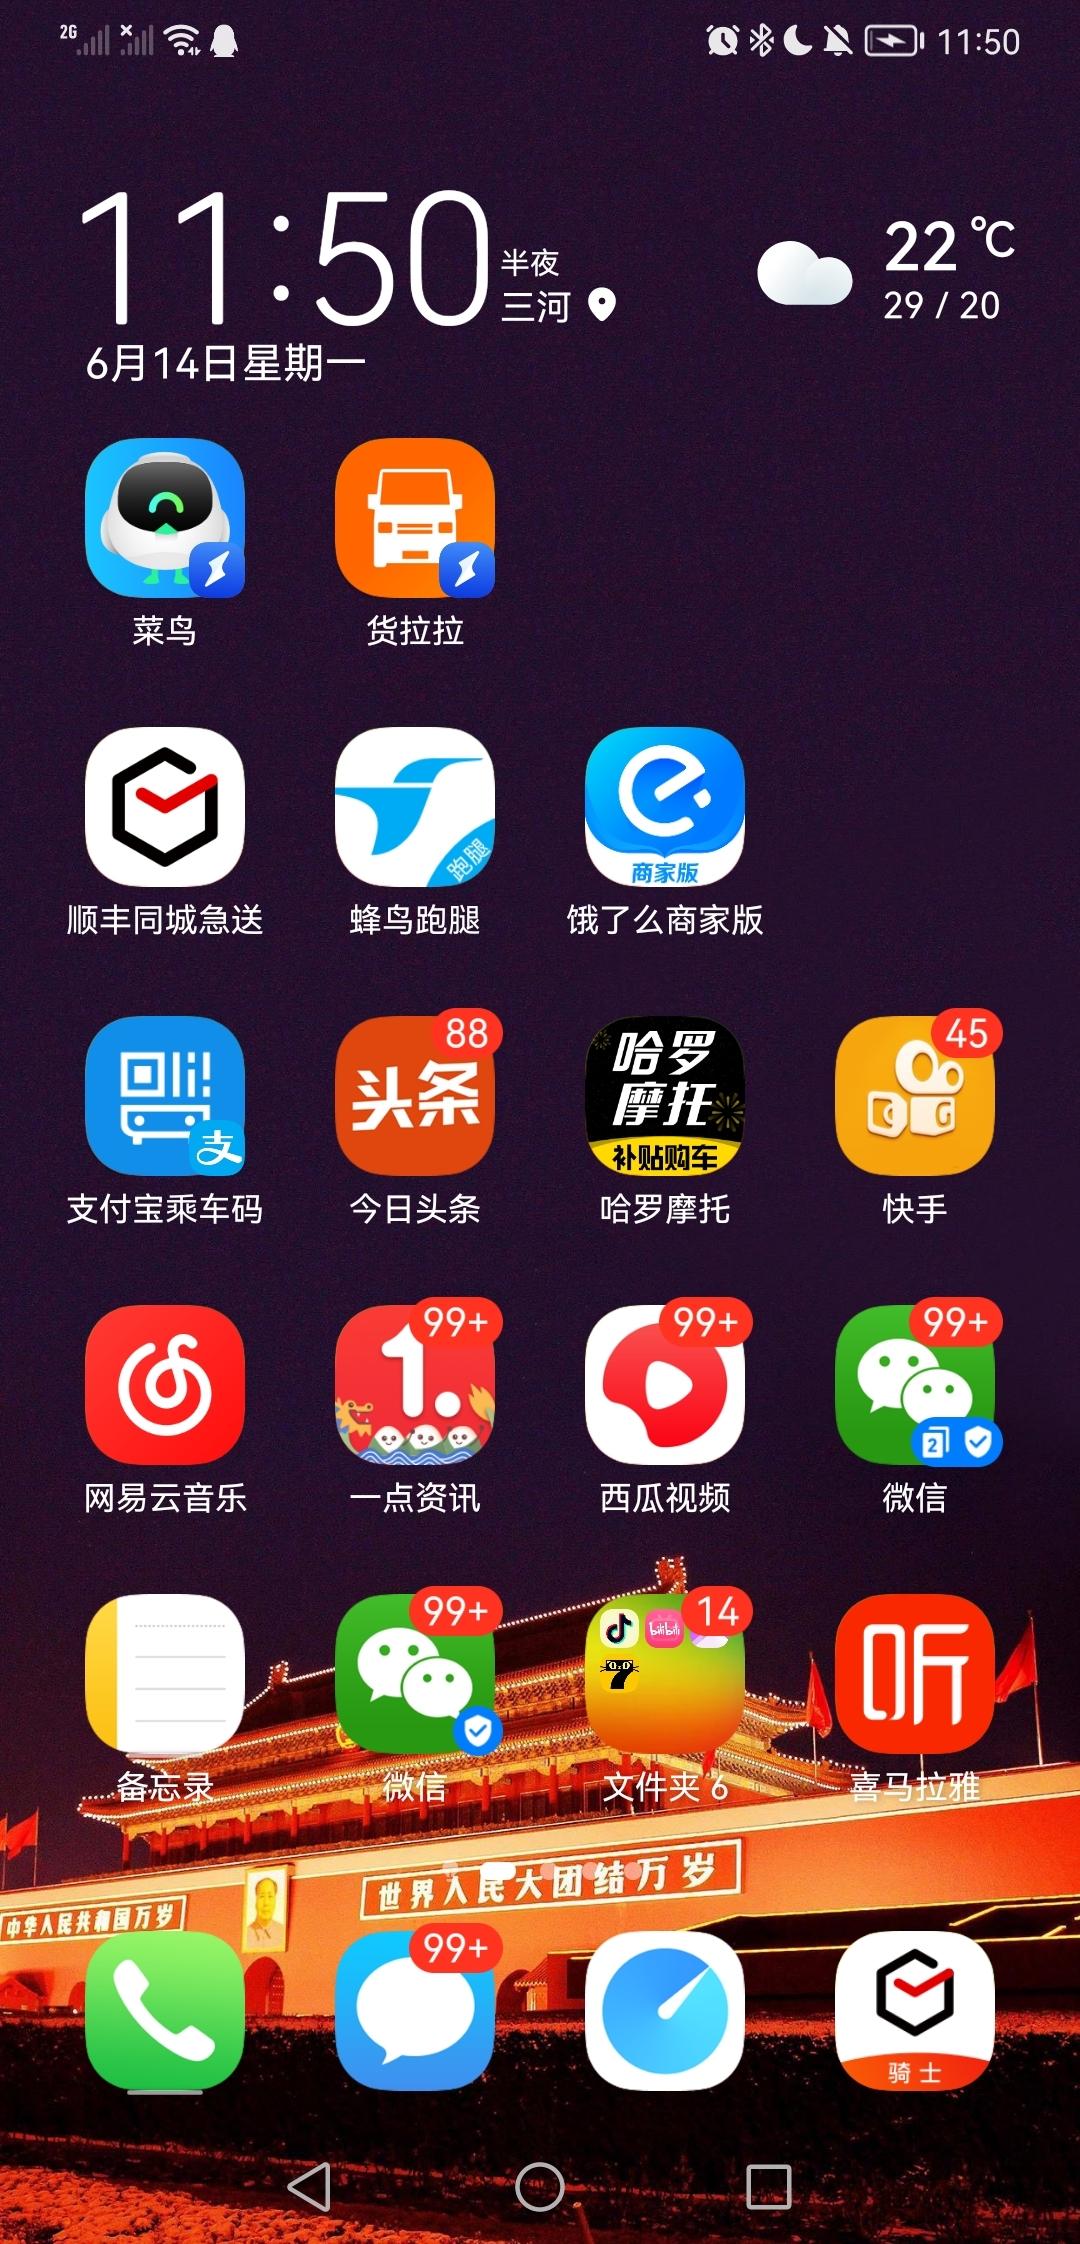 Screenshot_20210614_235002_com.huawei.android.launcher.jpg